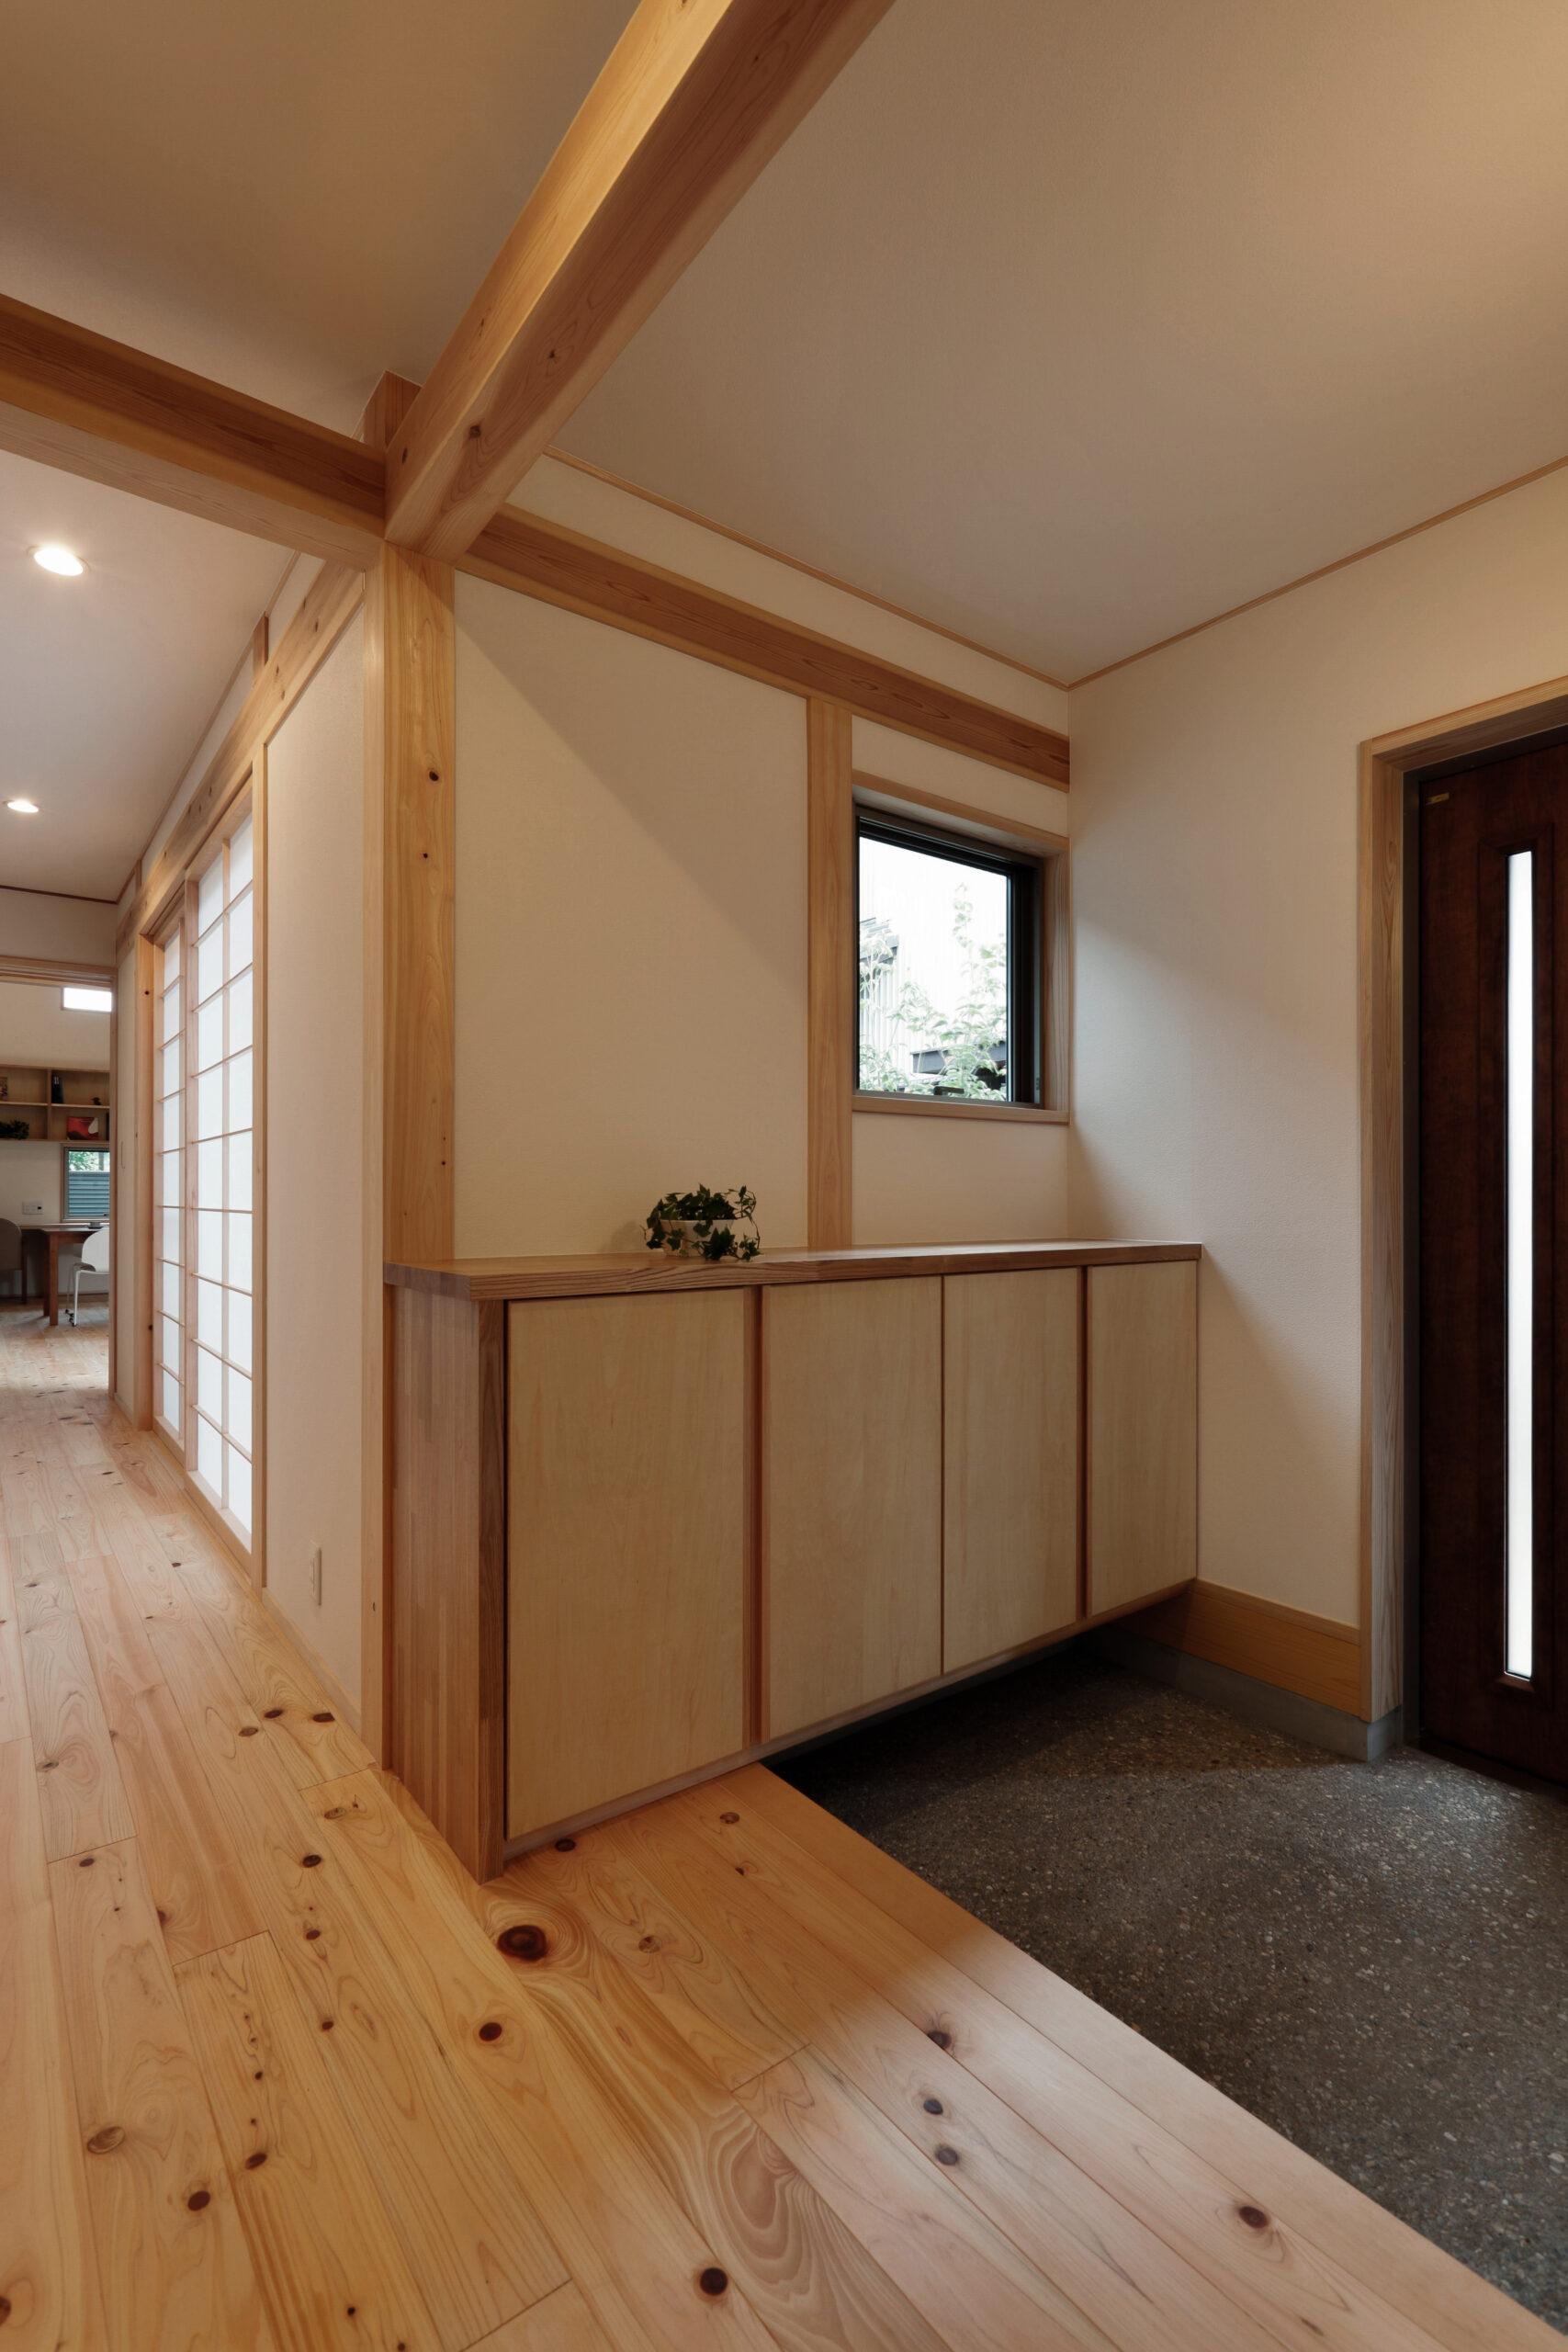 木の家 玄関 ローカ 和モダン